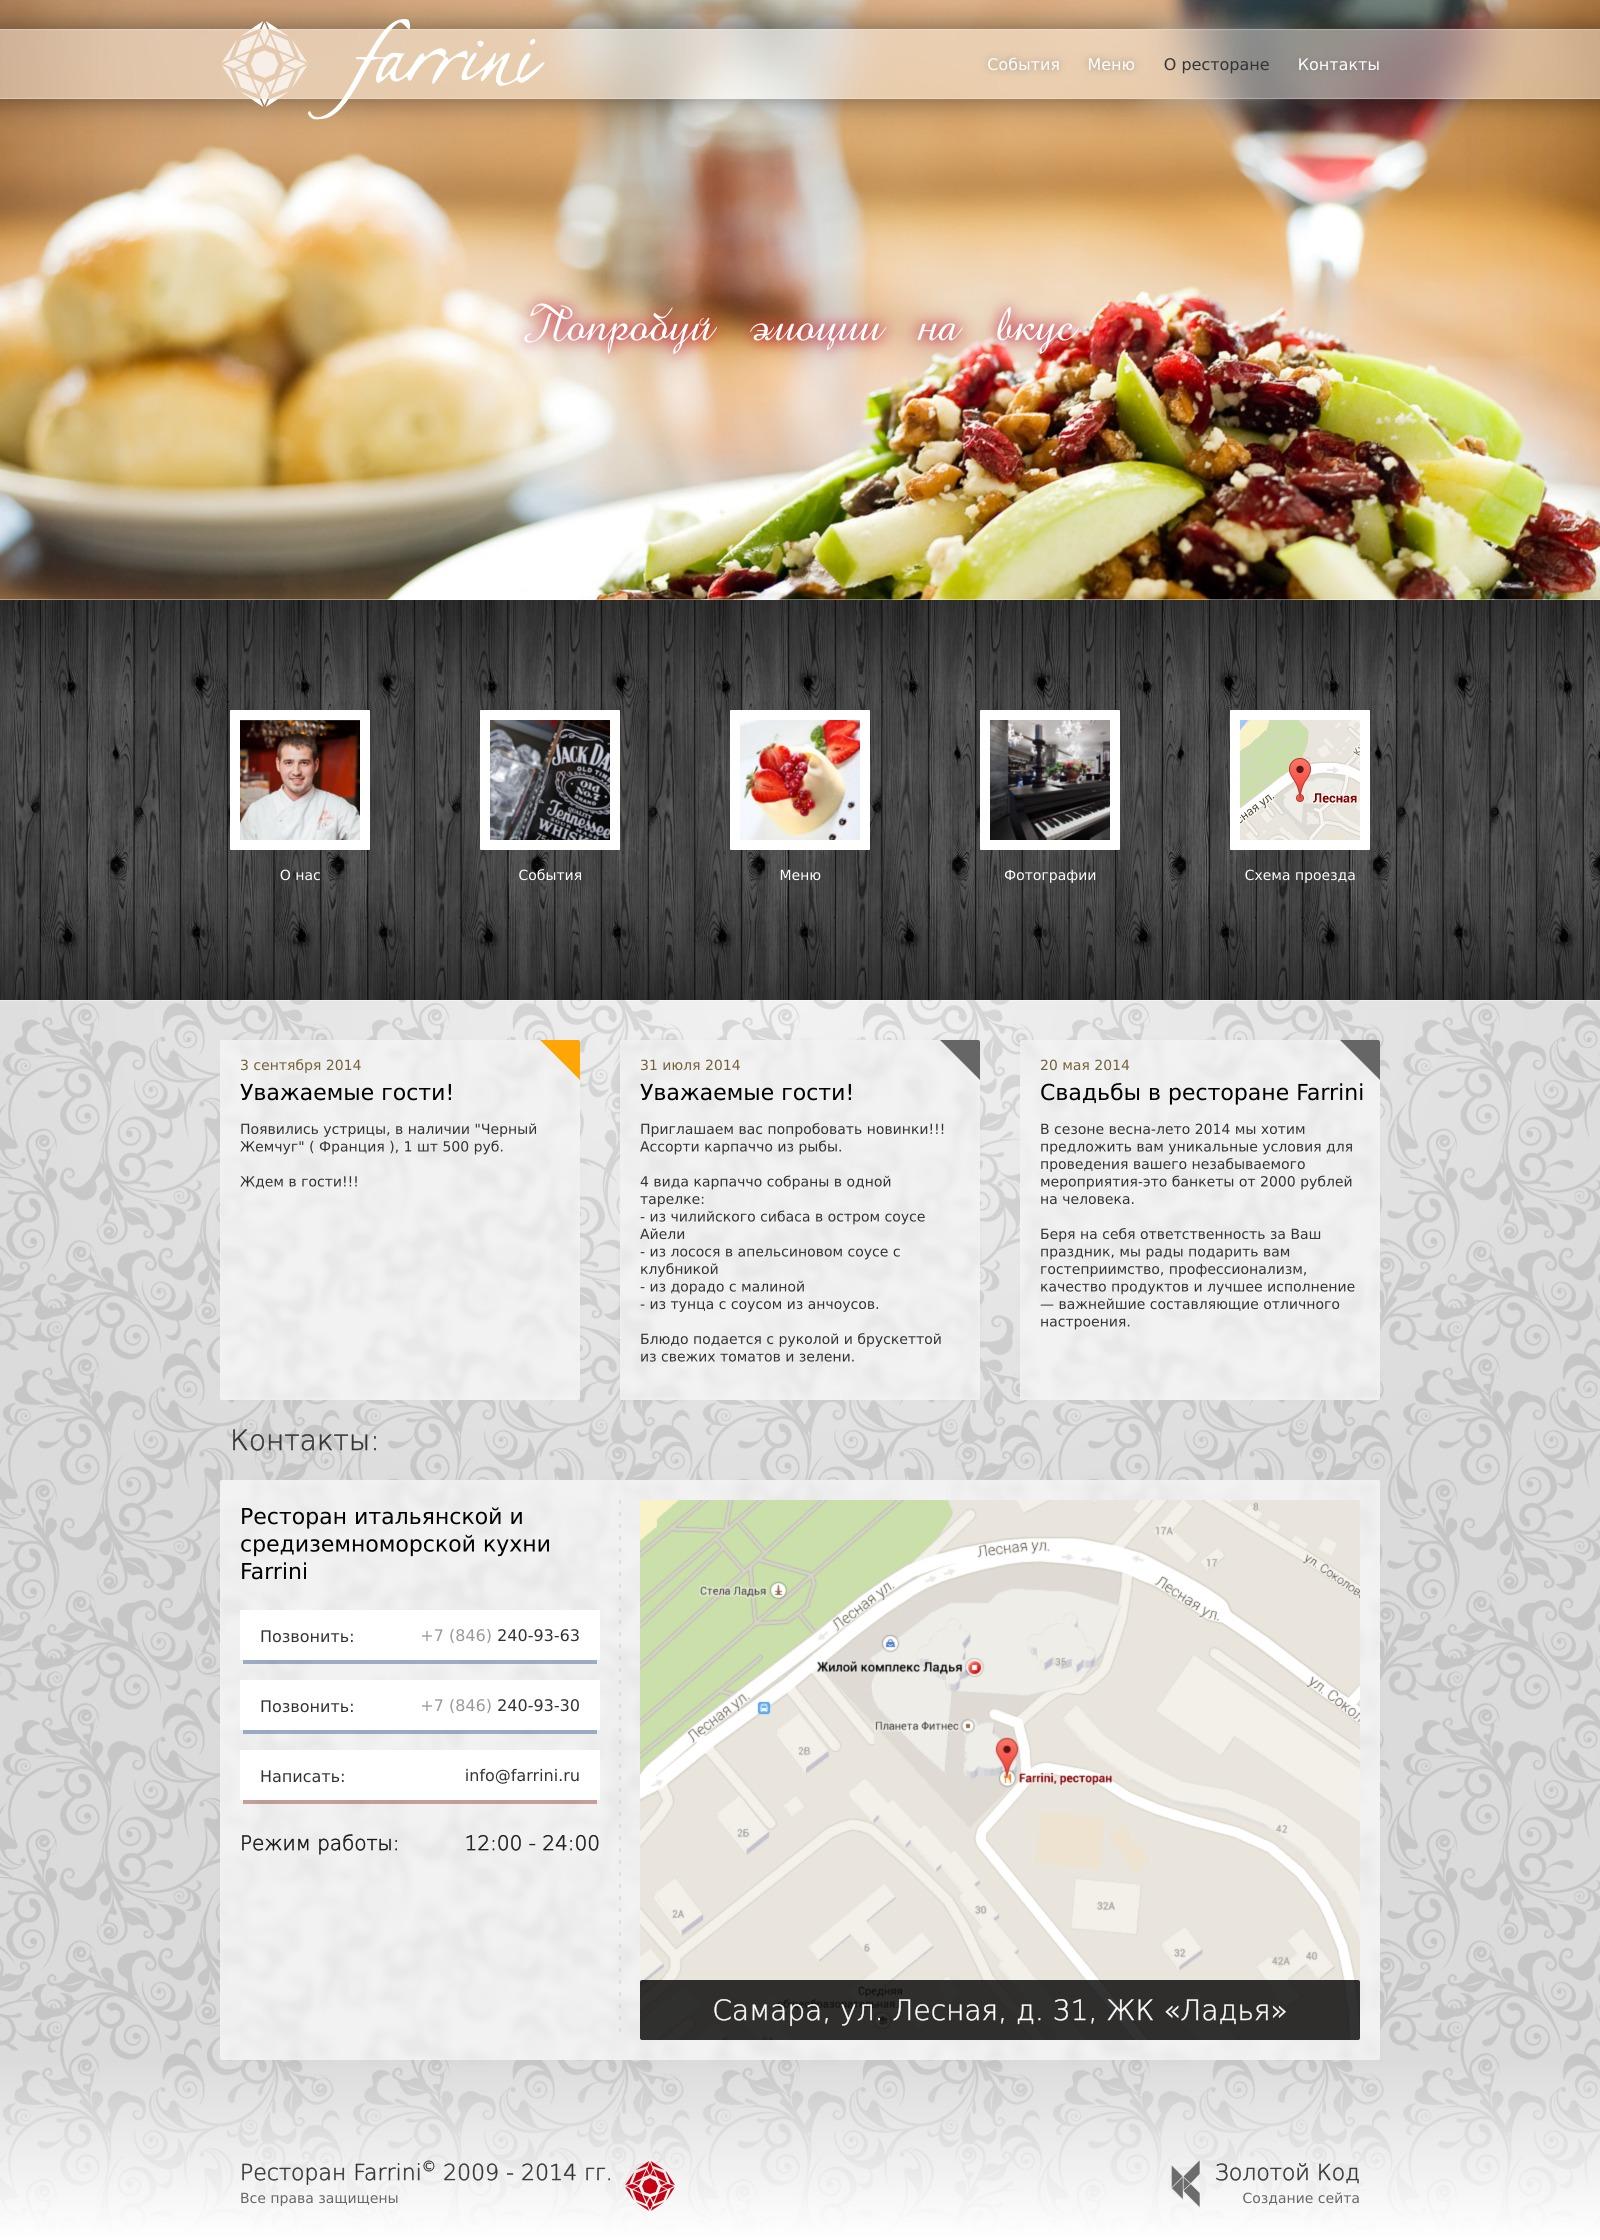 Farrini restaurant site